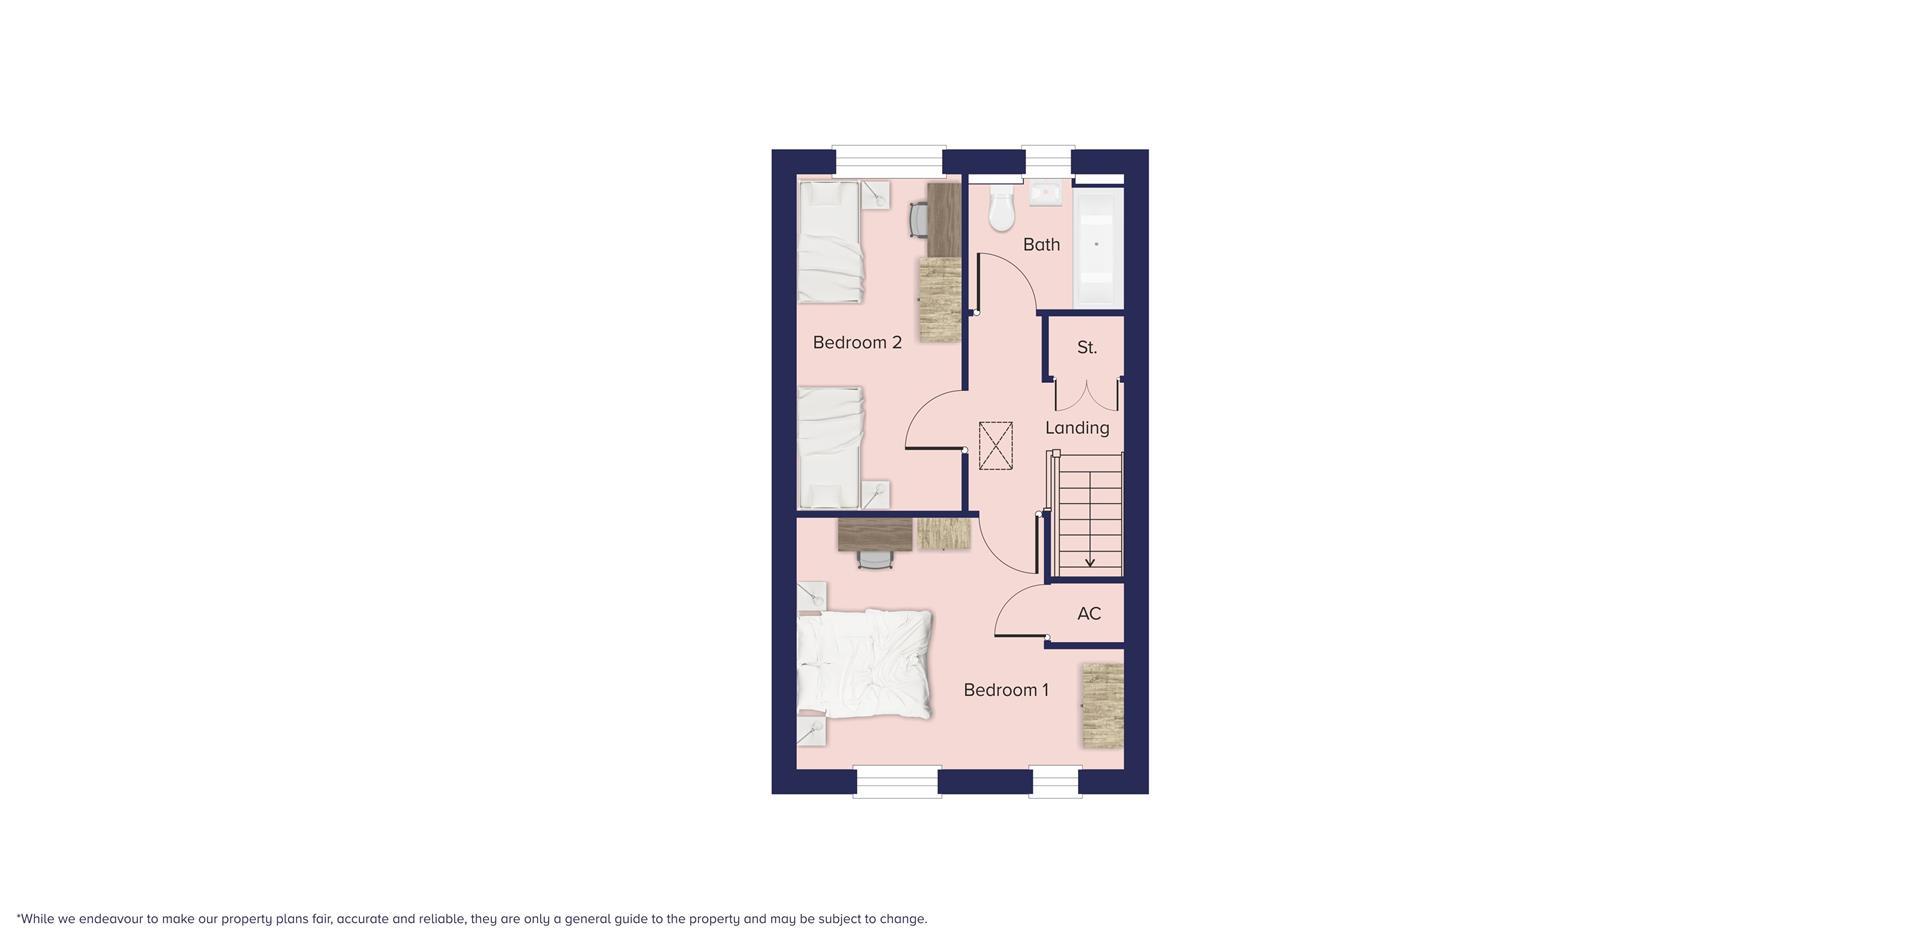 24123_Aster_Boorley Park_560x750 Thumbnail v1.jpg